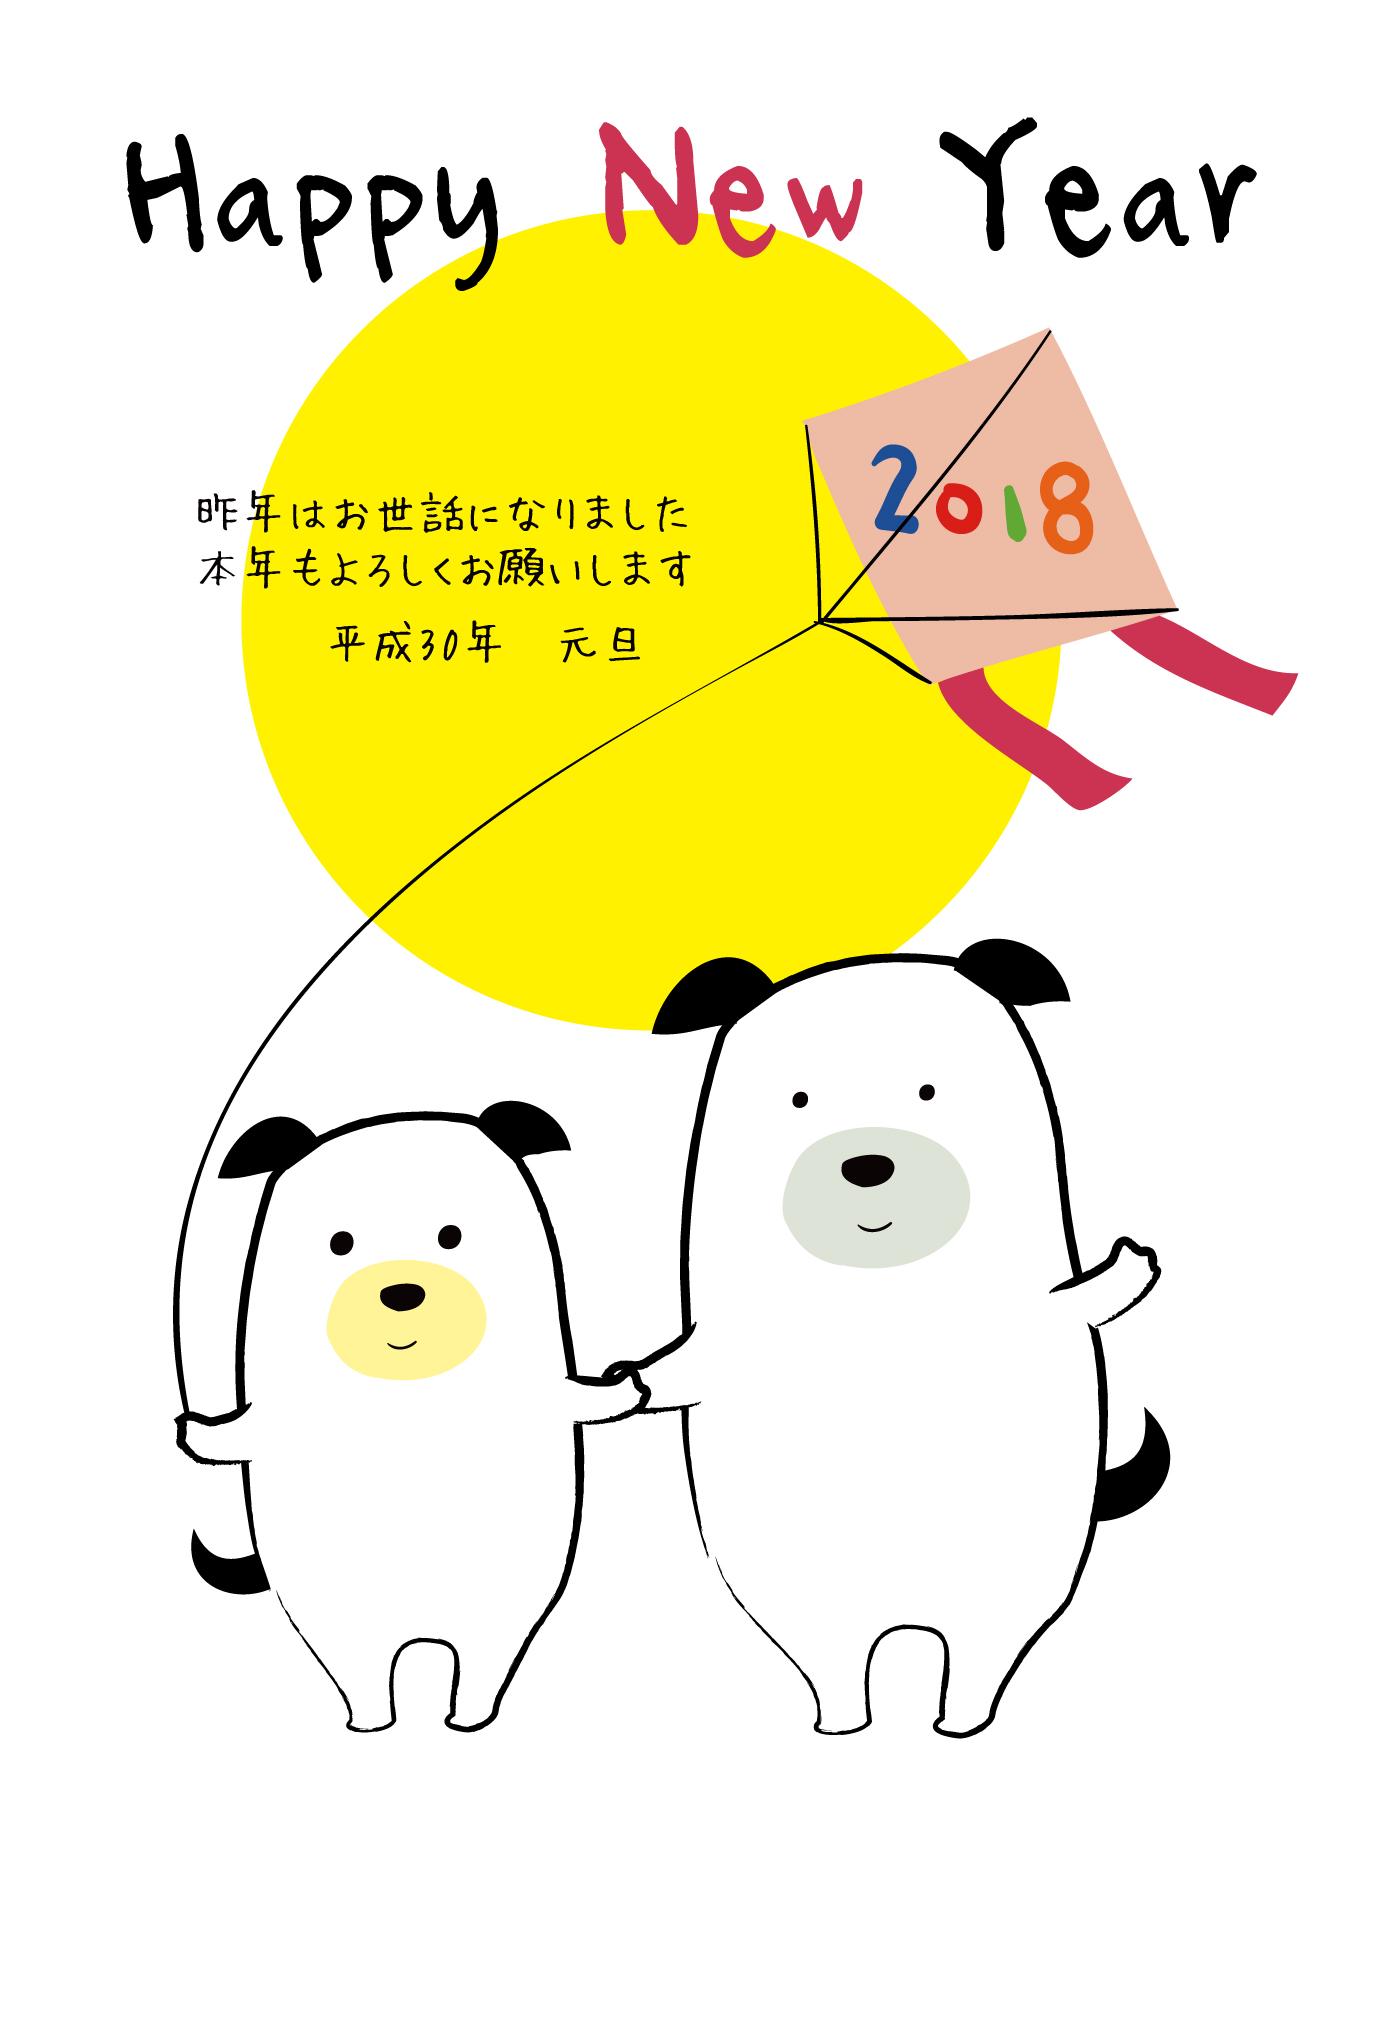 年賀状テンプレート「戌(いぬ)」ゆるわんこの親子2ダウンロード